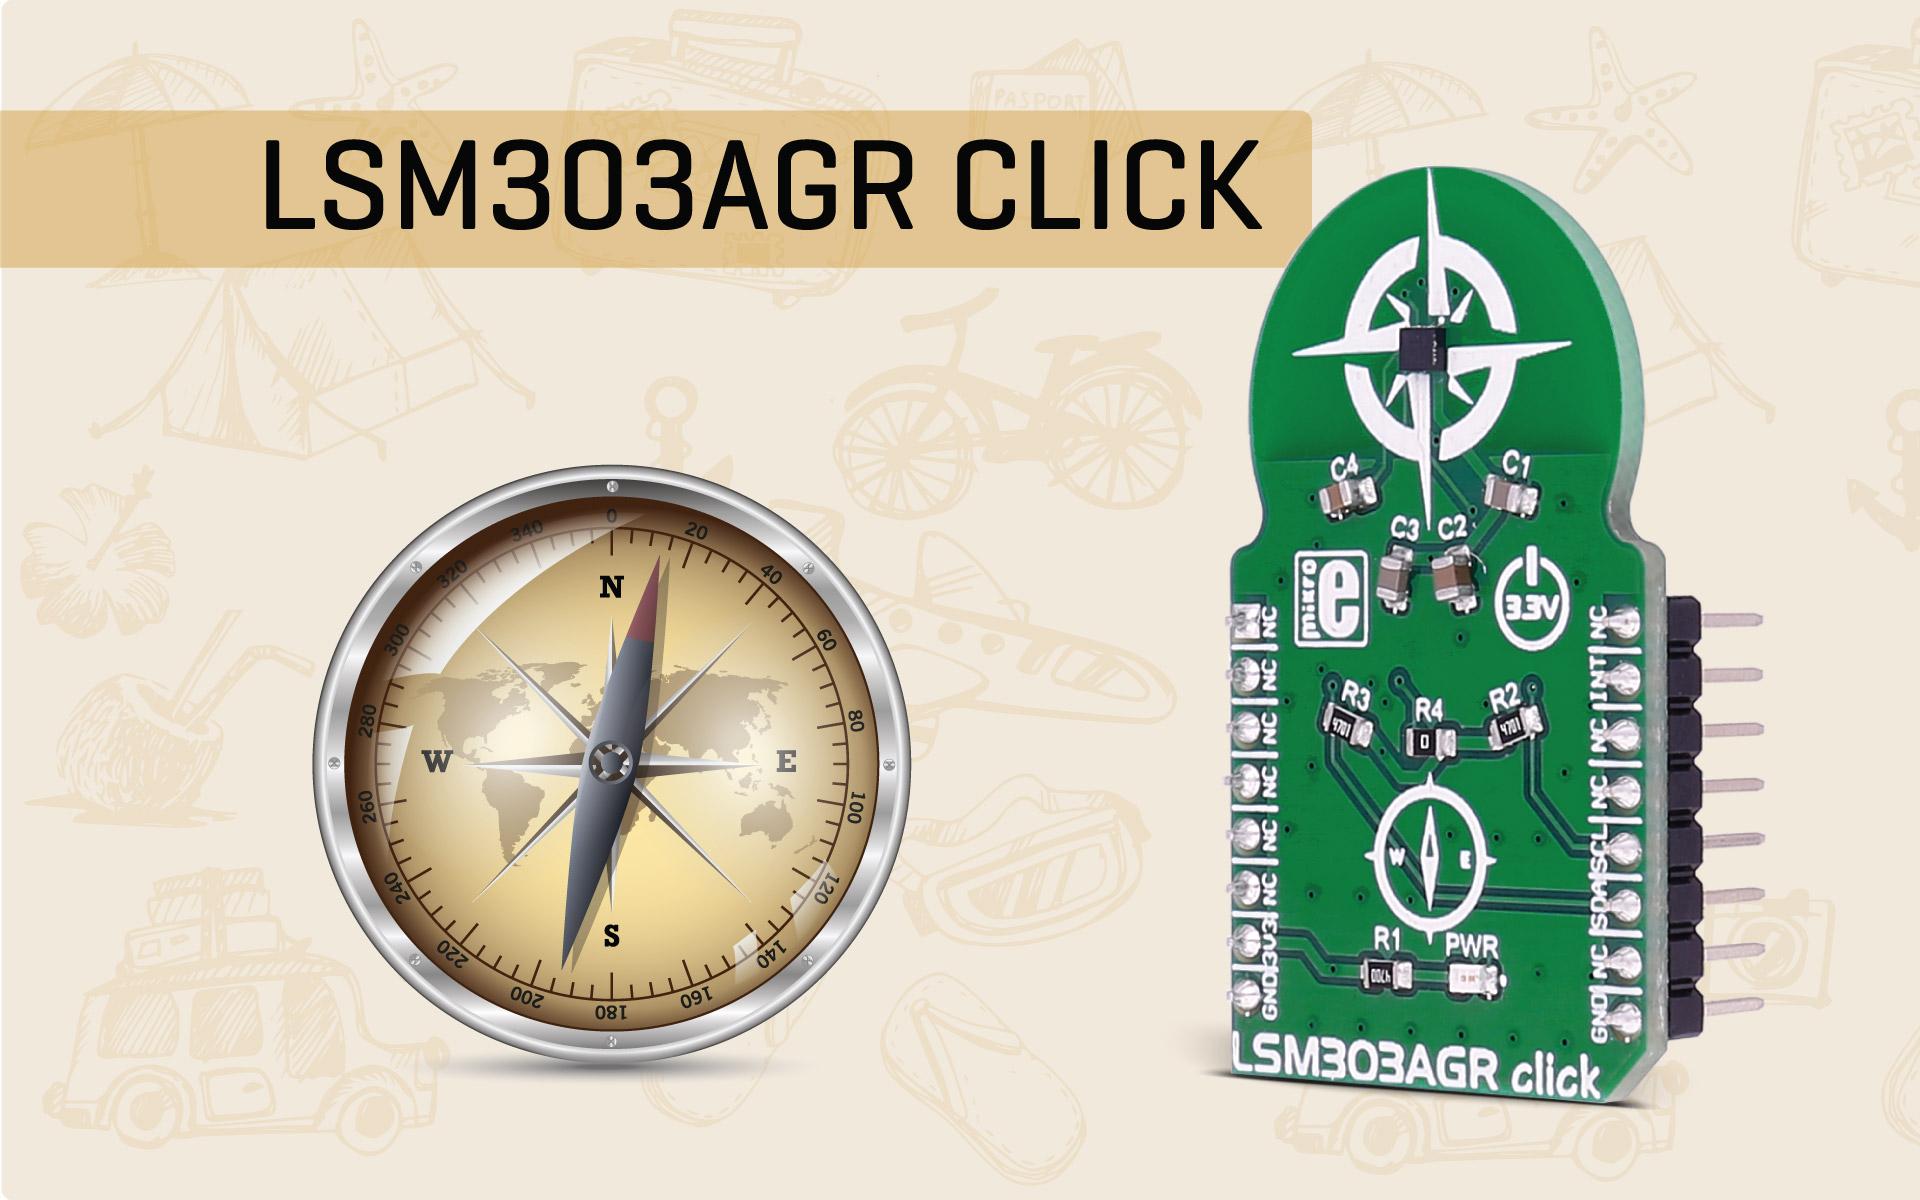 LSM303AGR click - 3D accelerometer and 3D magnetometer